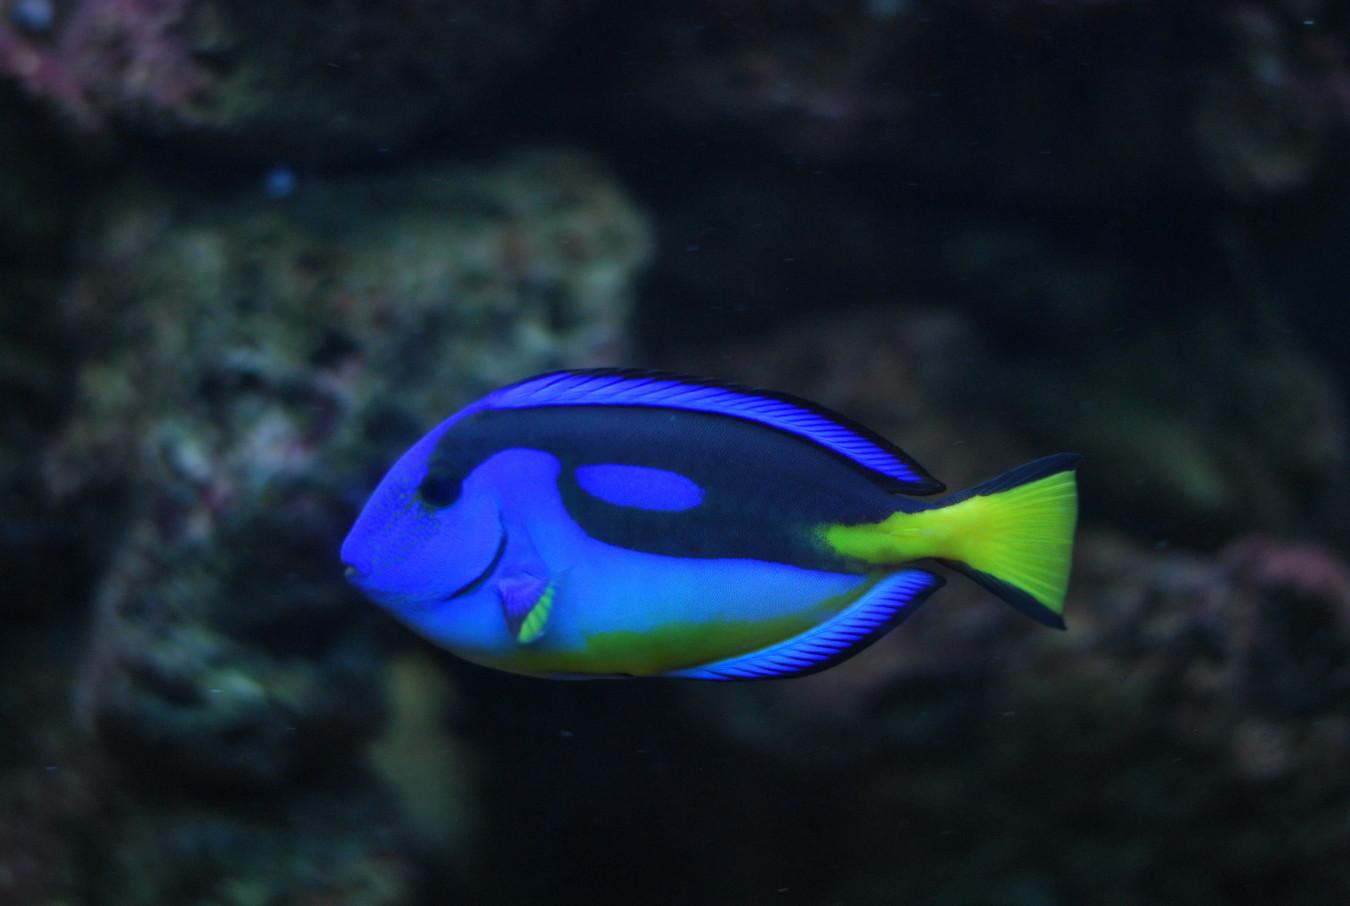 【読概】性転換する魚たち -サンゴ礁の海から-